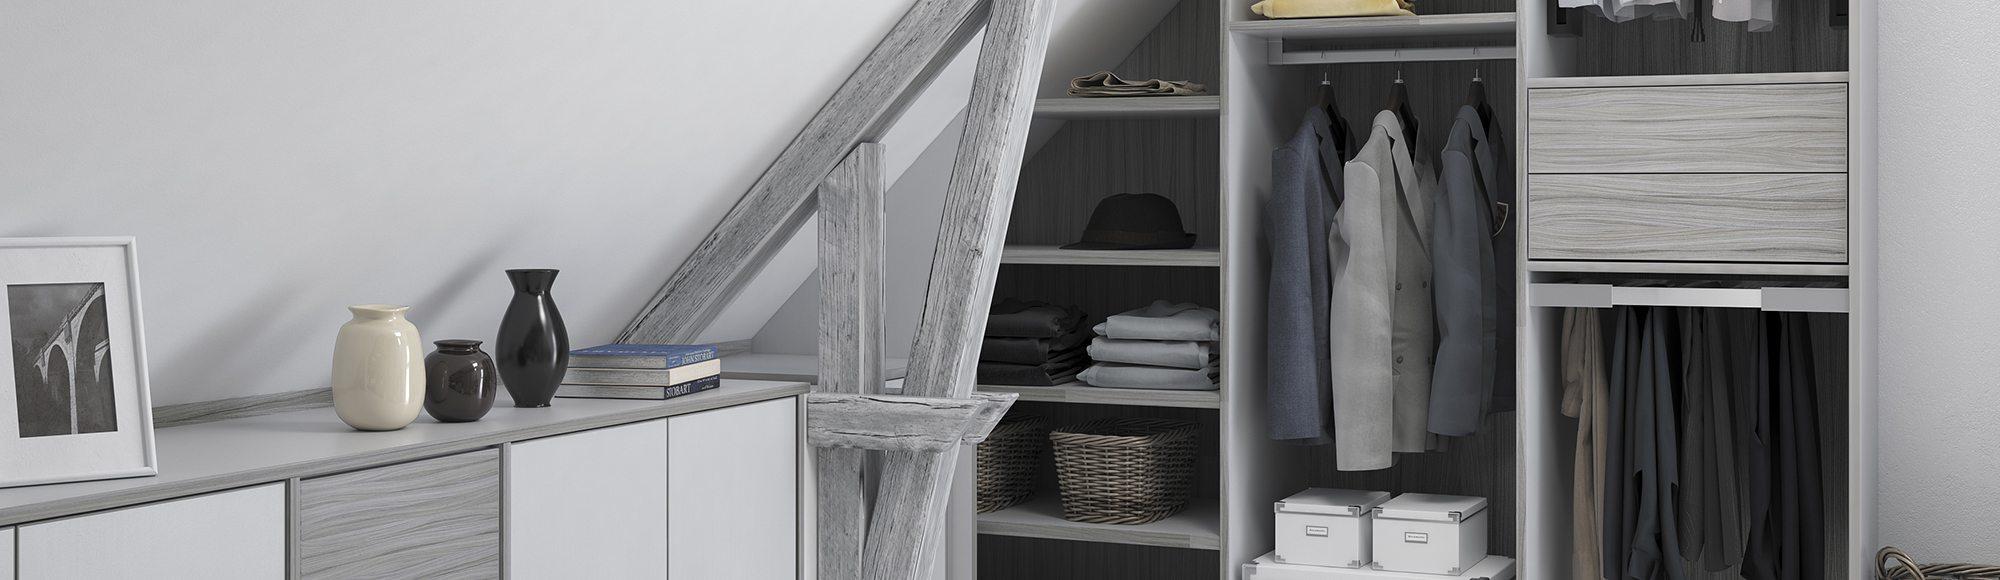 apf menuiserie sa nous r alisons votre dressing sur mesure. Black Bedroom Furniture Sets. Home Design Ideas